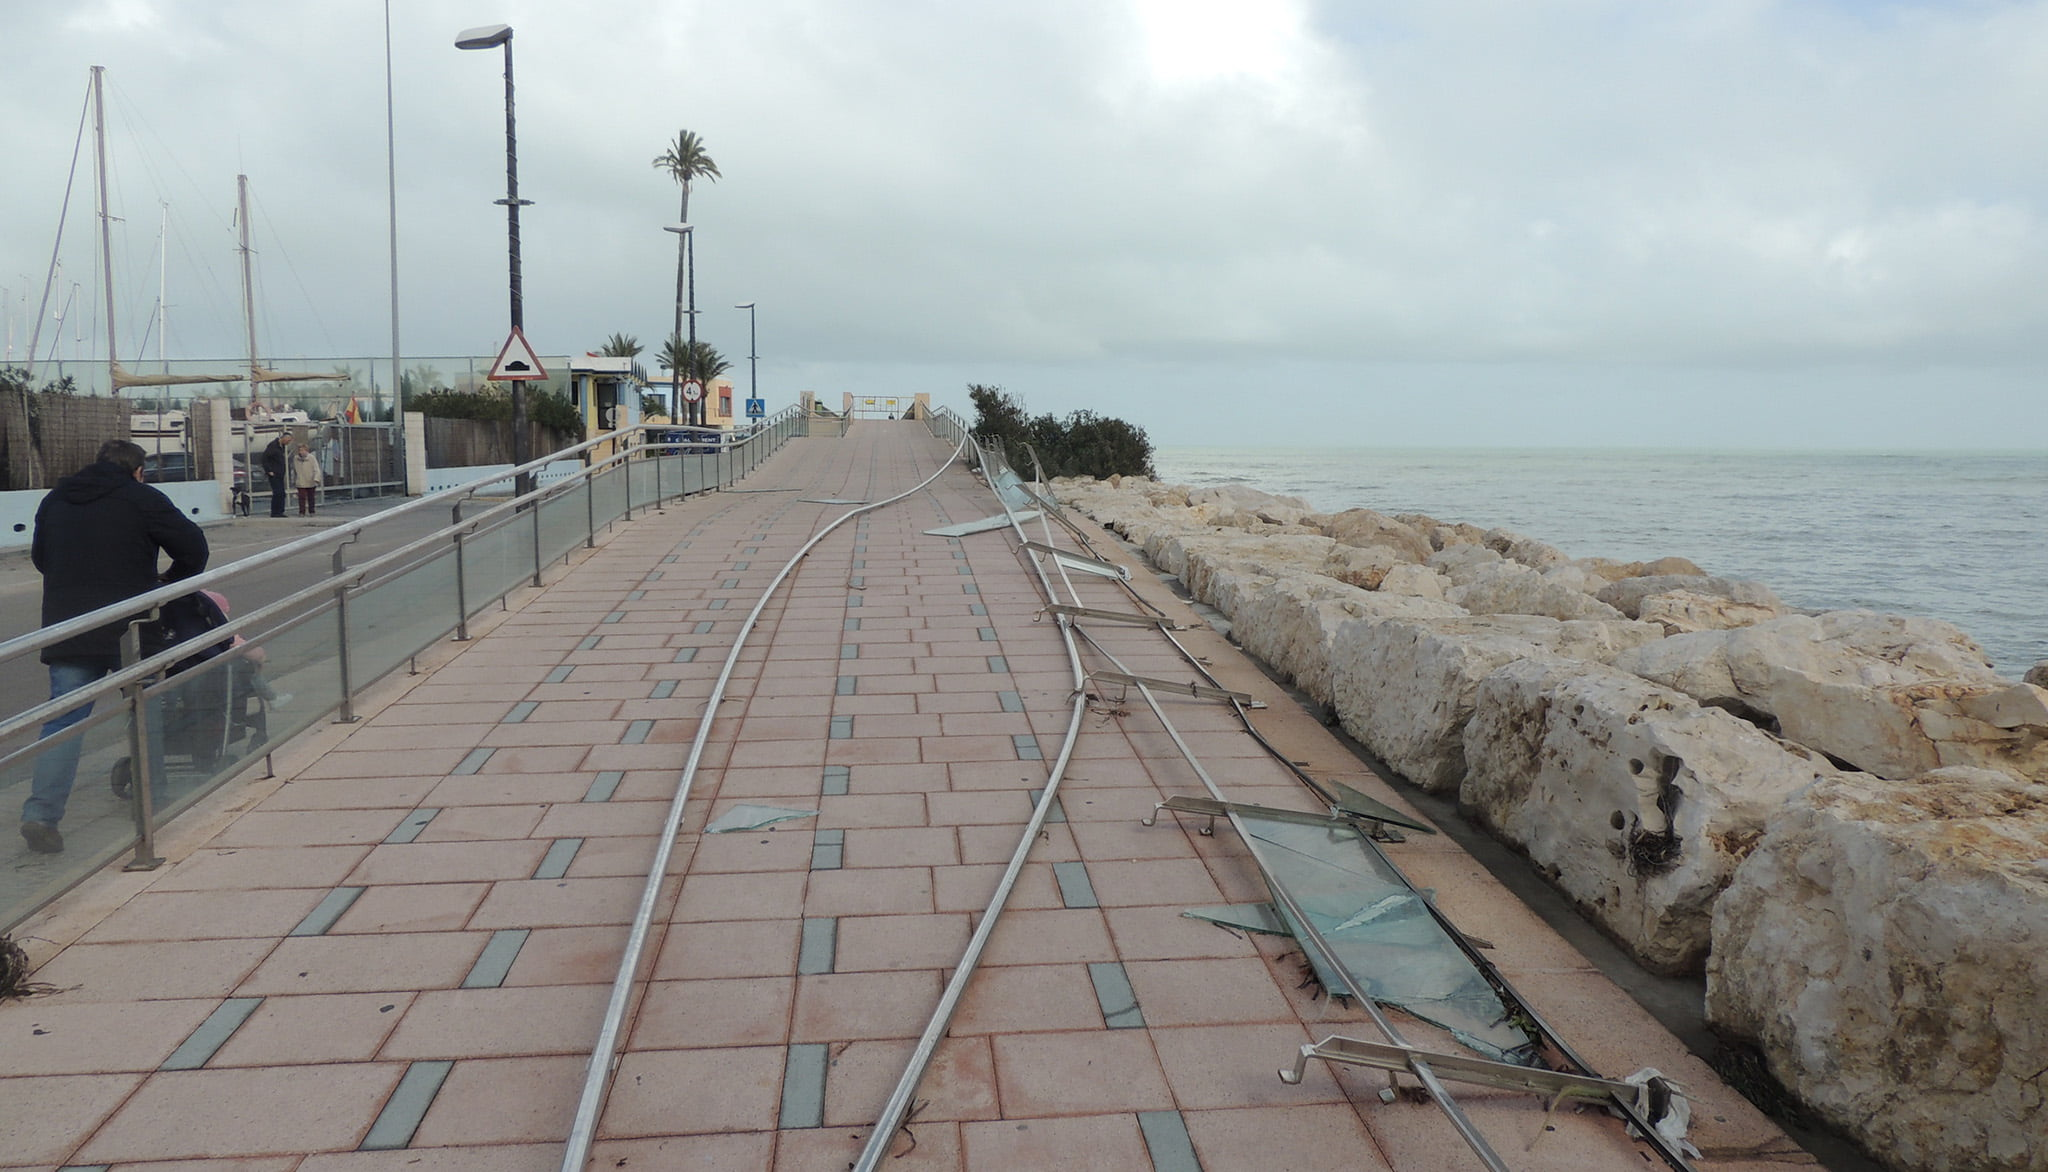 Railing of the Marina de Dénia promenade